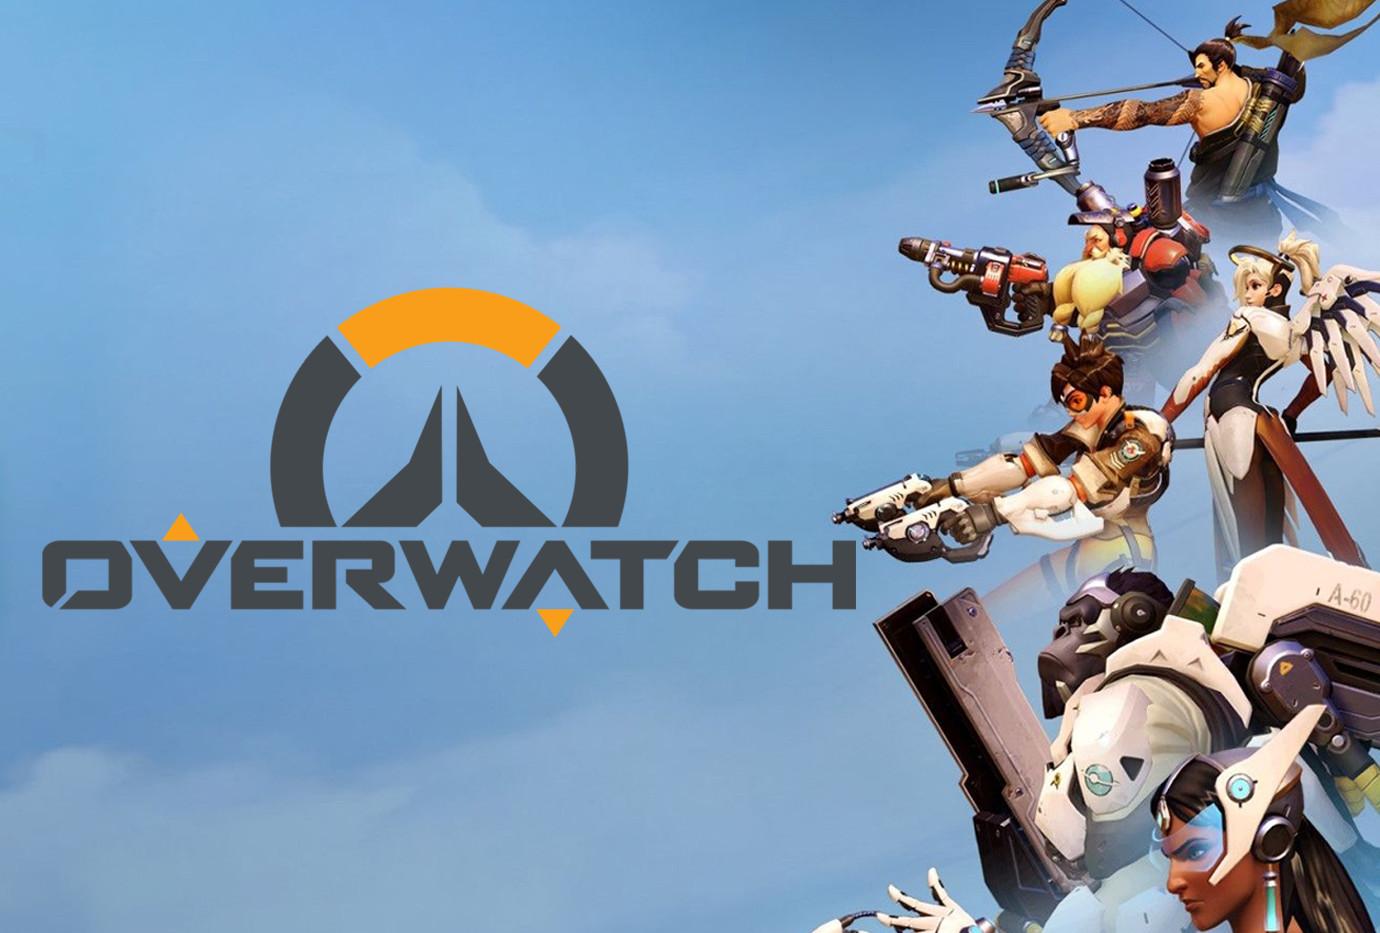 activision_overwatch-series_ls-01.jpg